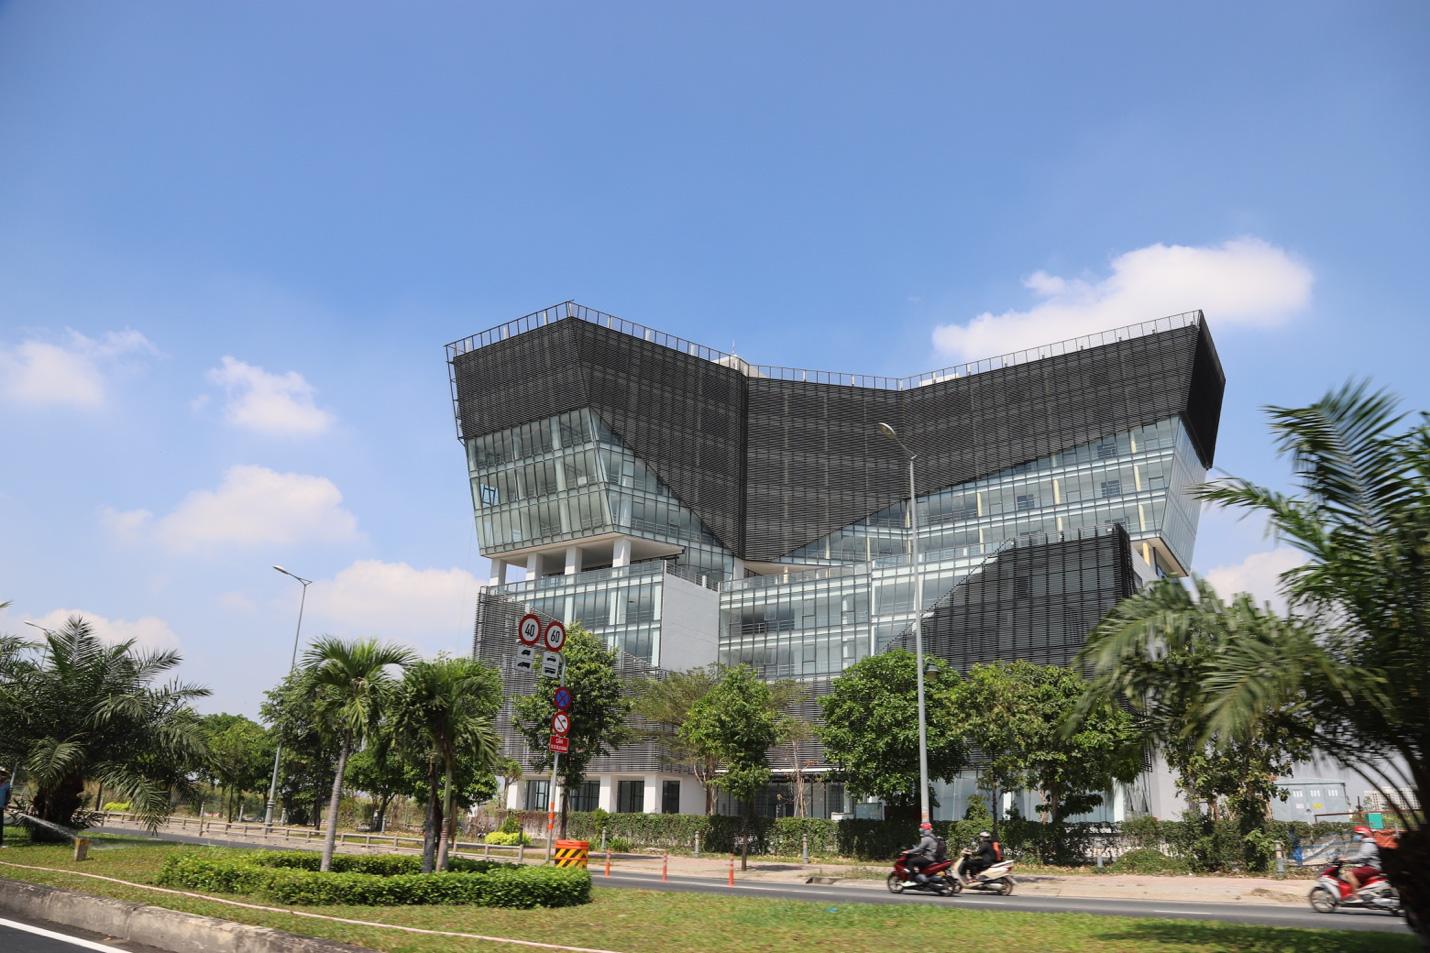 Trường ĐH Nguyễn Tất Thành: Tham gia kiểm định và xếp hạng là để đổi mới, nâng cao vị thế và chất lượng đào tạo - Ảnh 4.